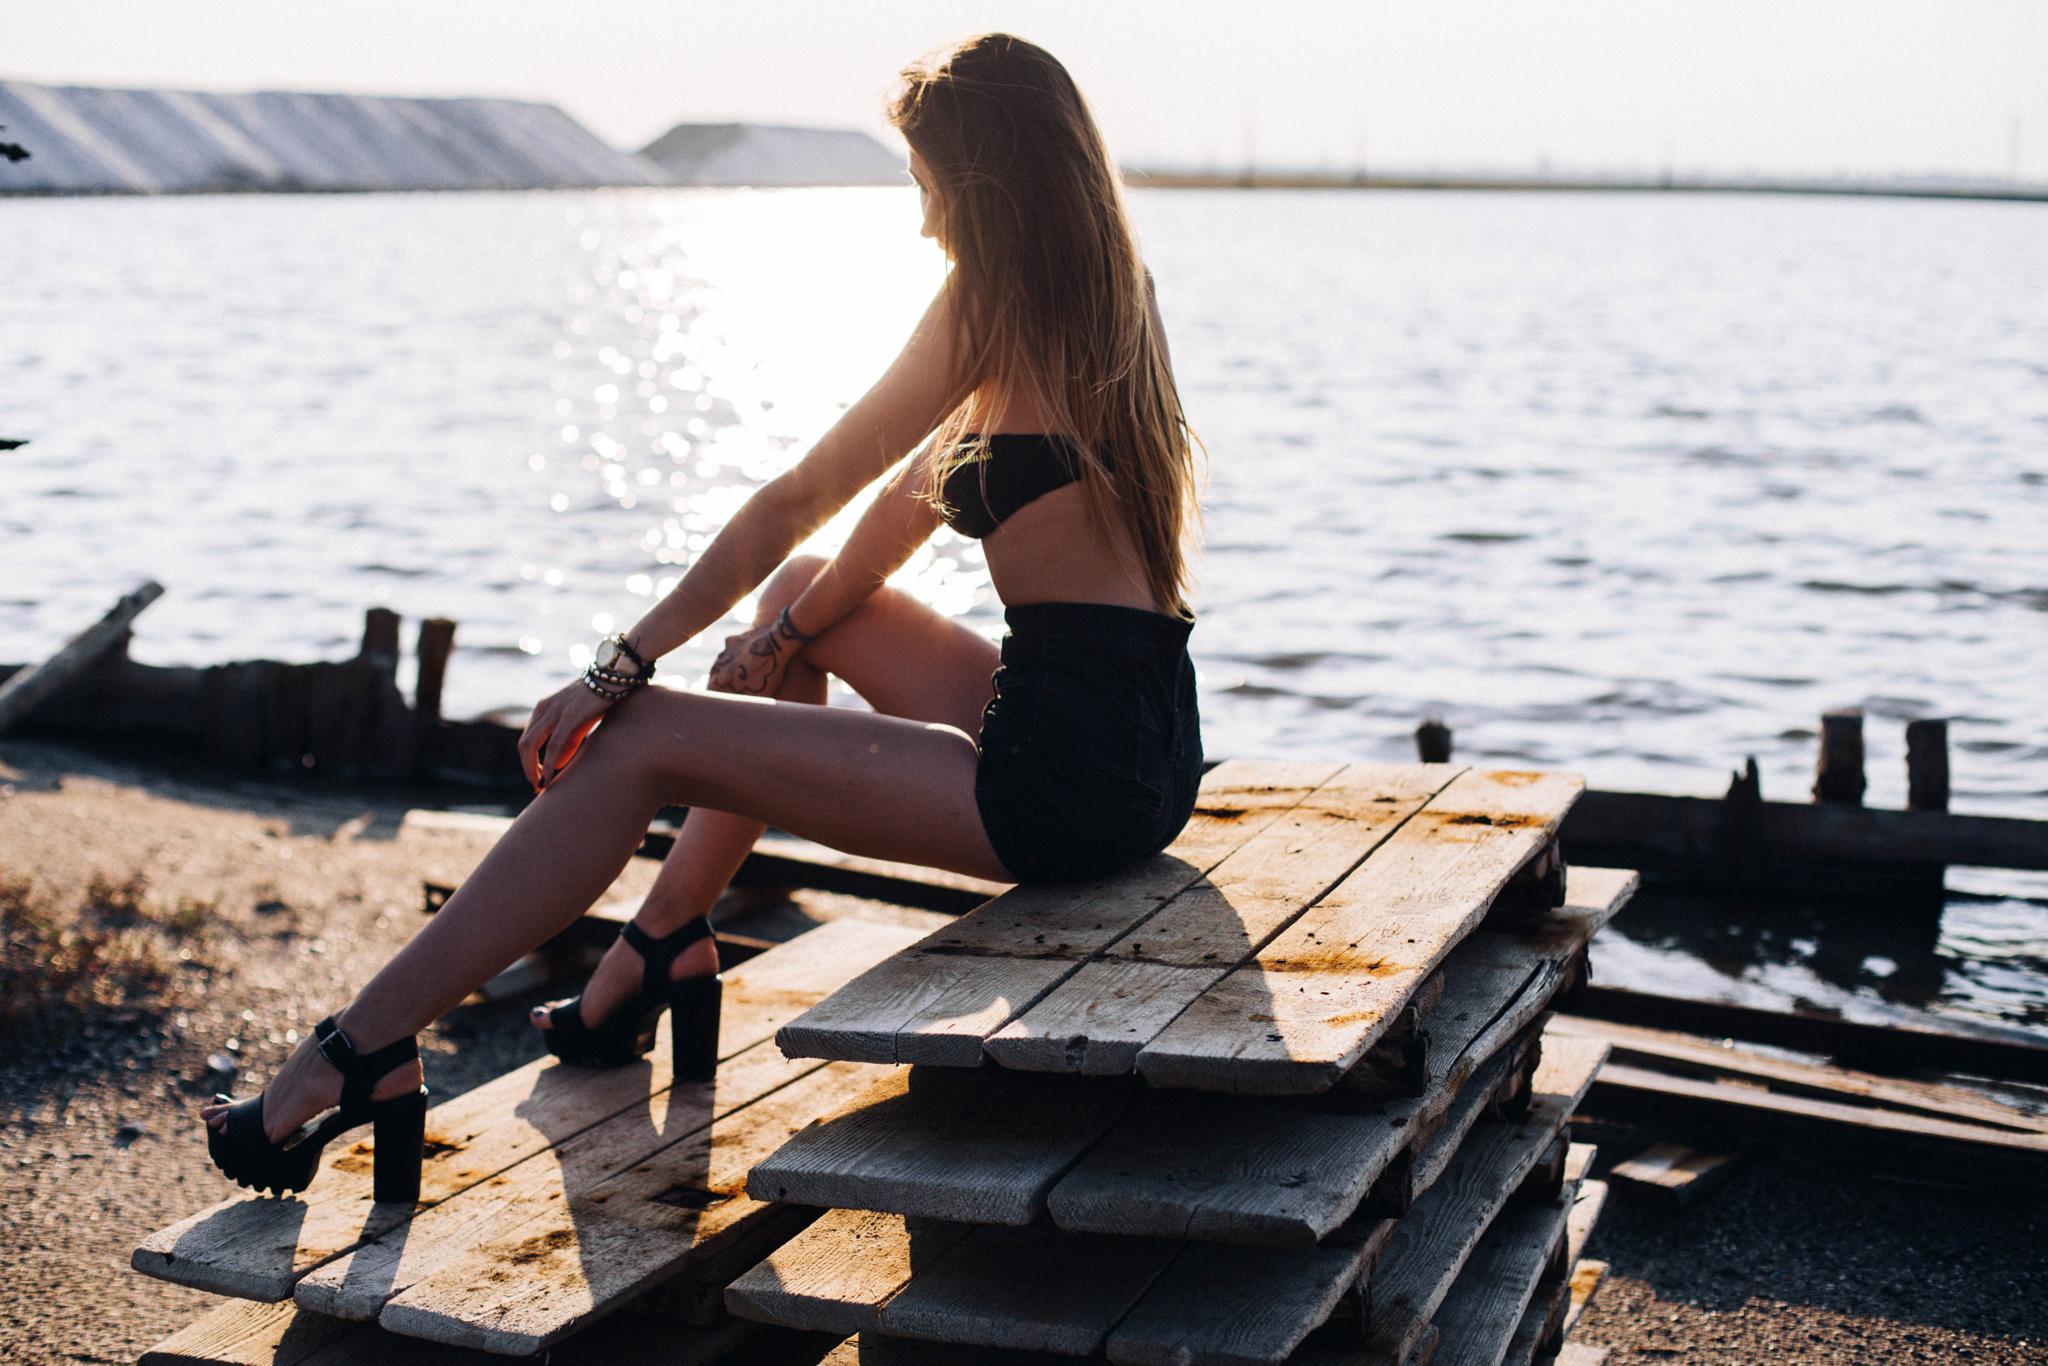 Christine by Oleg Nagel